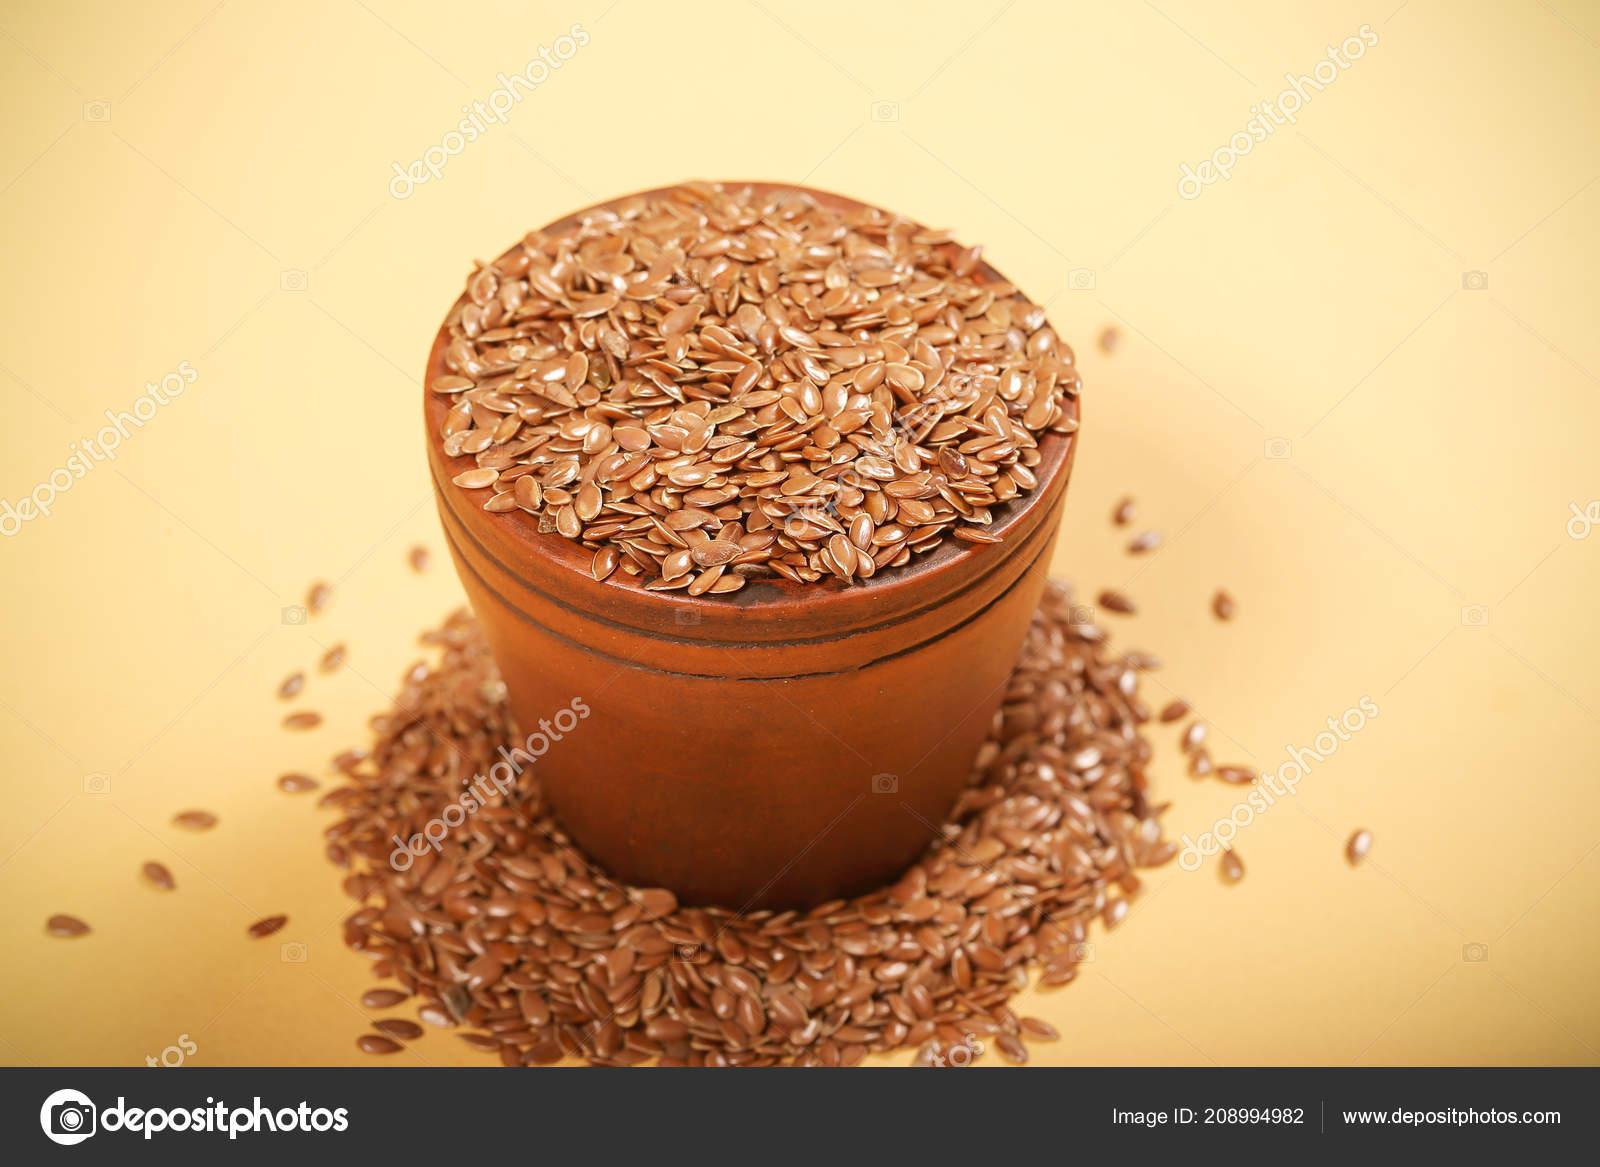 Keten Tohumu Yemeklerde Nasıl Kullanılır